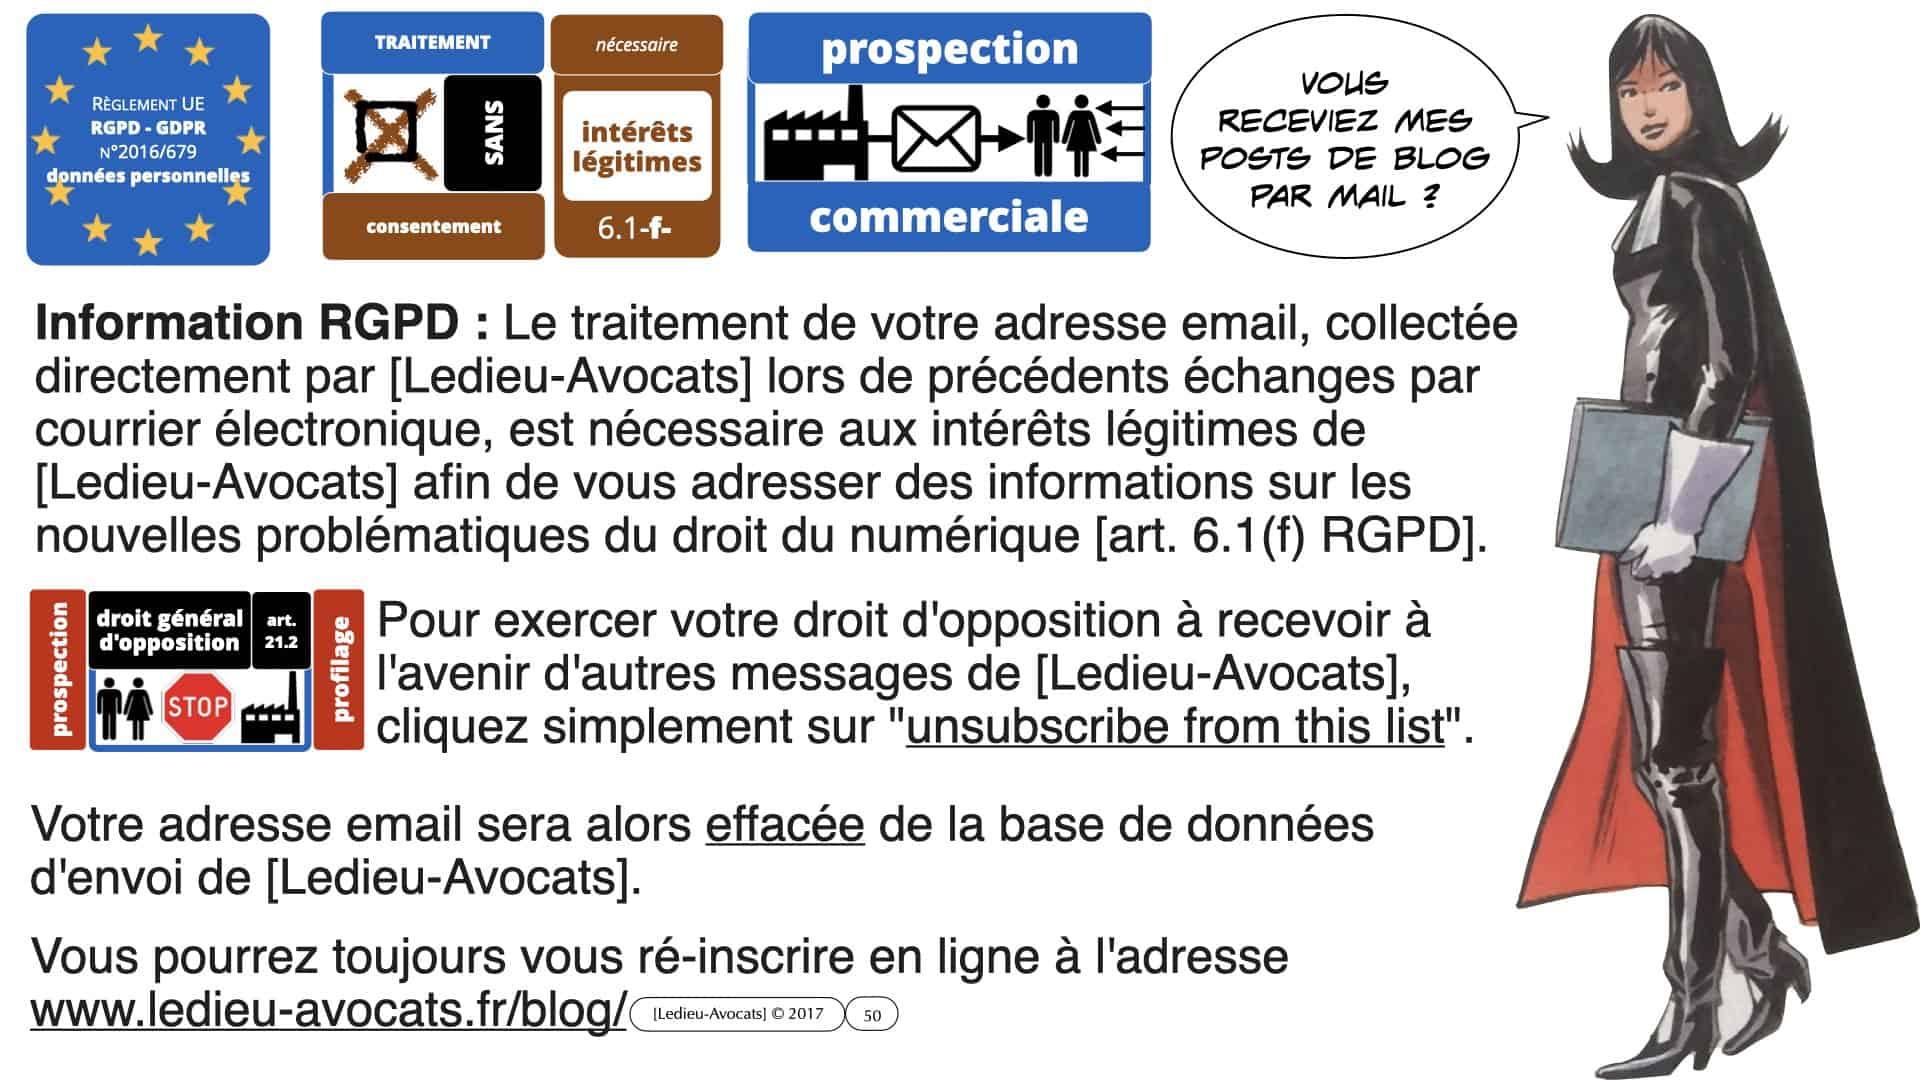 RGPD délibération CNIL Spartoo du 28 juillet 2020 n°SAN 2020-003 *16:9* ©Ledieu-Avocats 19-09-2020.050